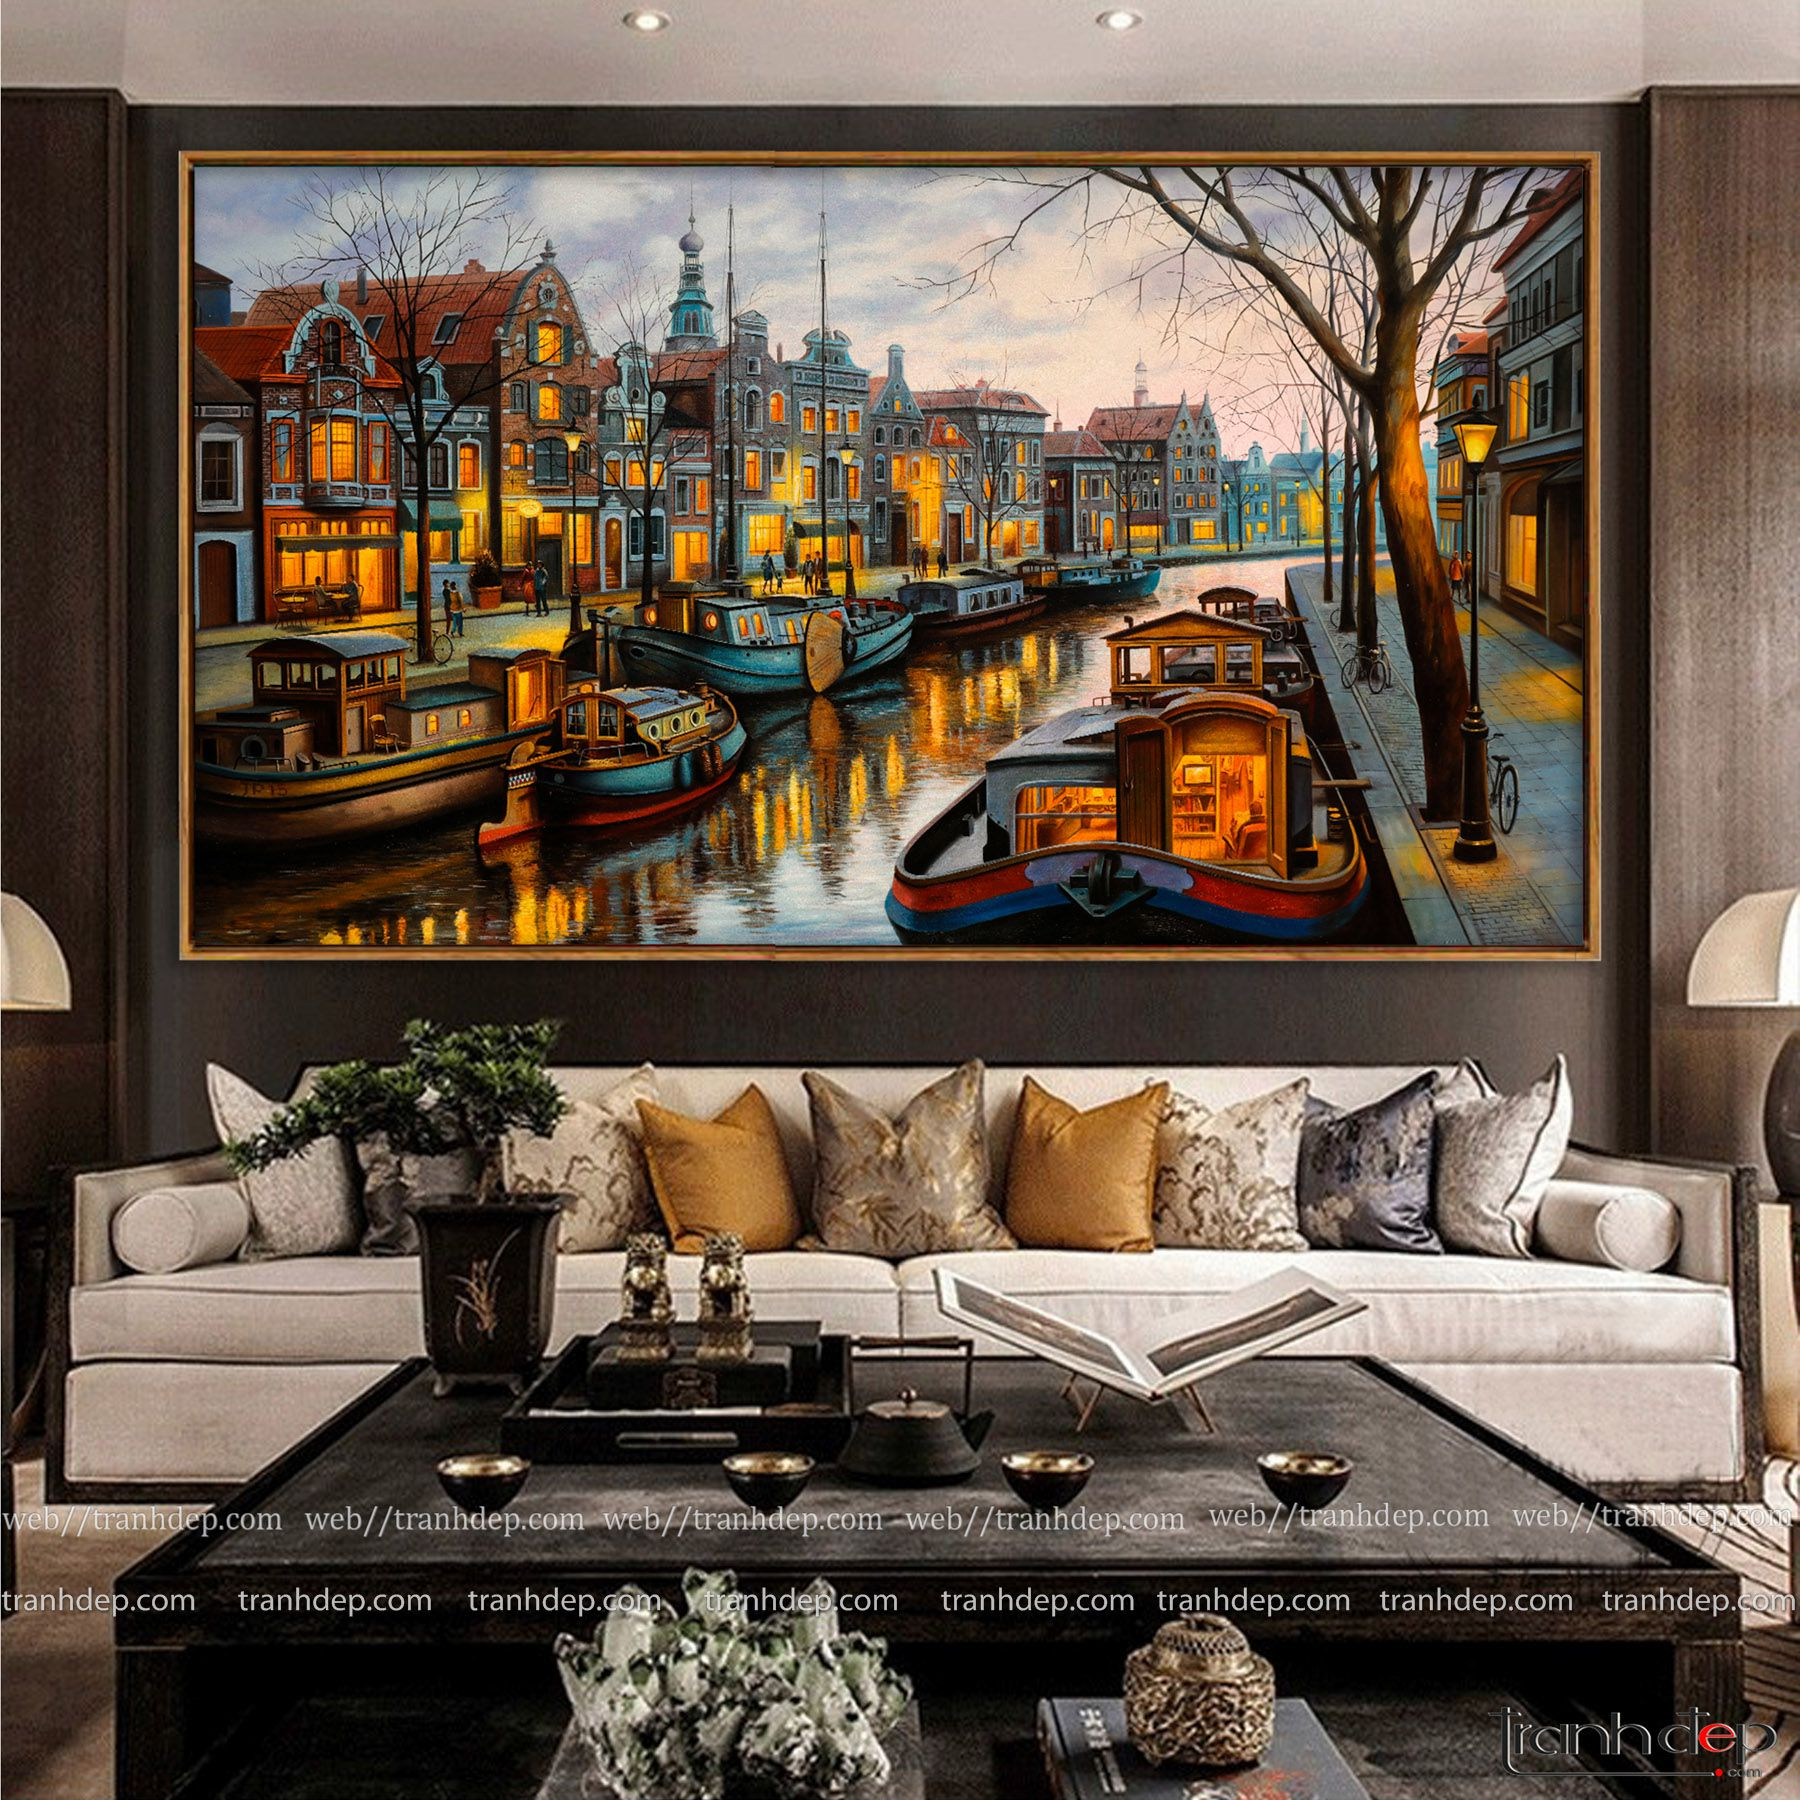 Tranh vẽ phong cảnh Châu Âu lãng mạn và nghệ thuật